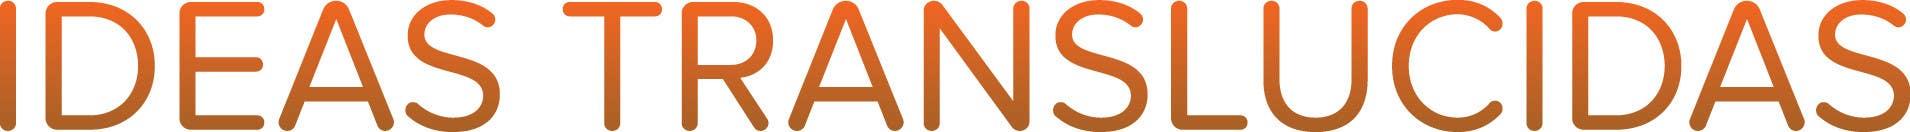 Penyertaan Peraduan #7 untuk Nombre y Concepto para Blog